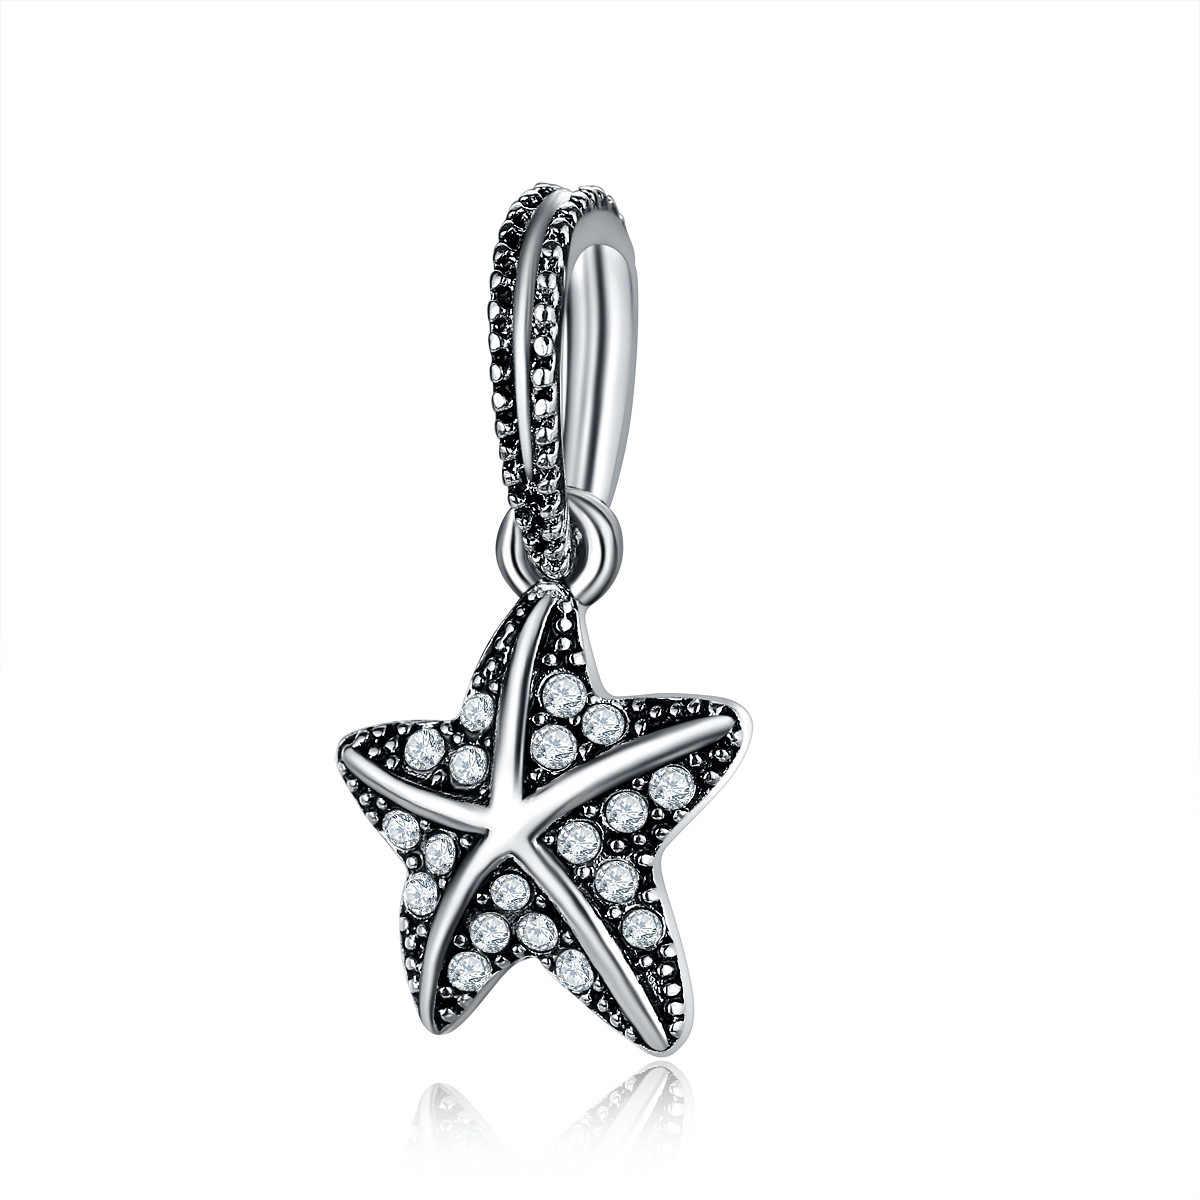 สีดำพราว Tropical Starfish Charm แท้ 925 เงินสเตอร์ลิง CZ Charm ผู้หญิงเครื่องประดับฤดูร้อนของขวัญ